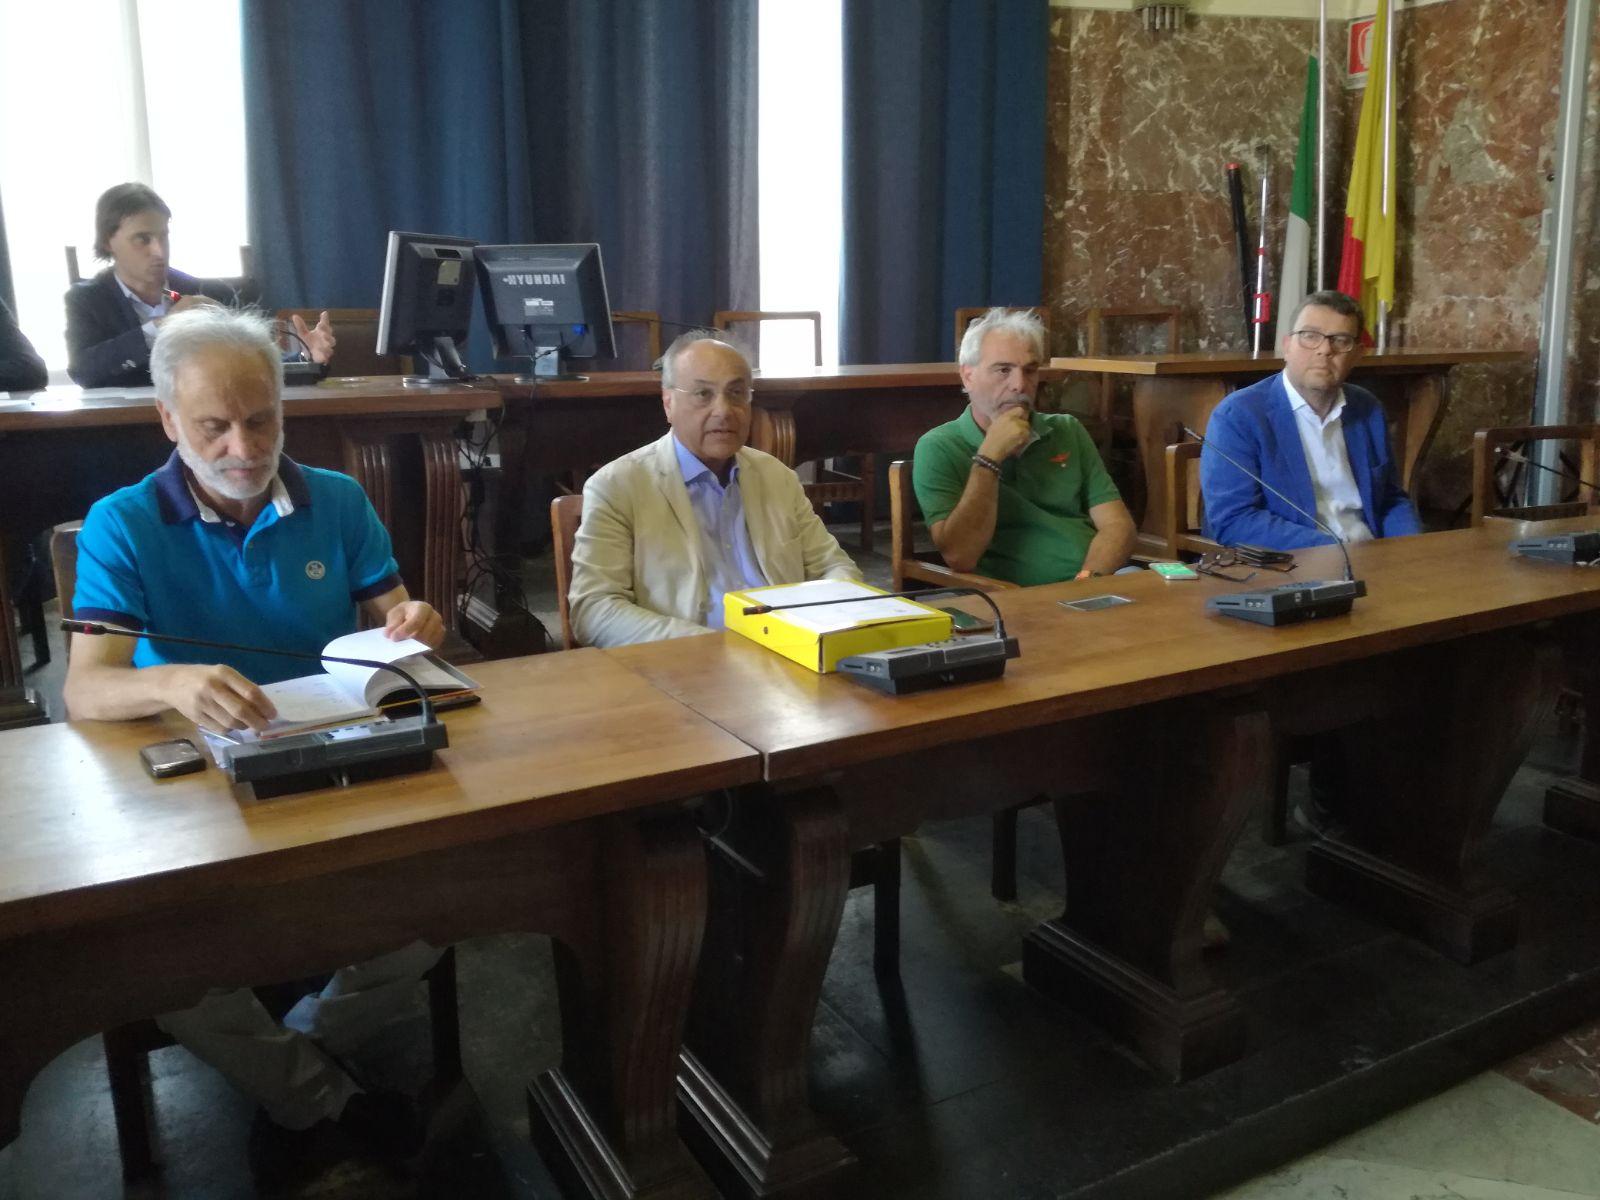 Pino, Mento, Pitino e Magazzù